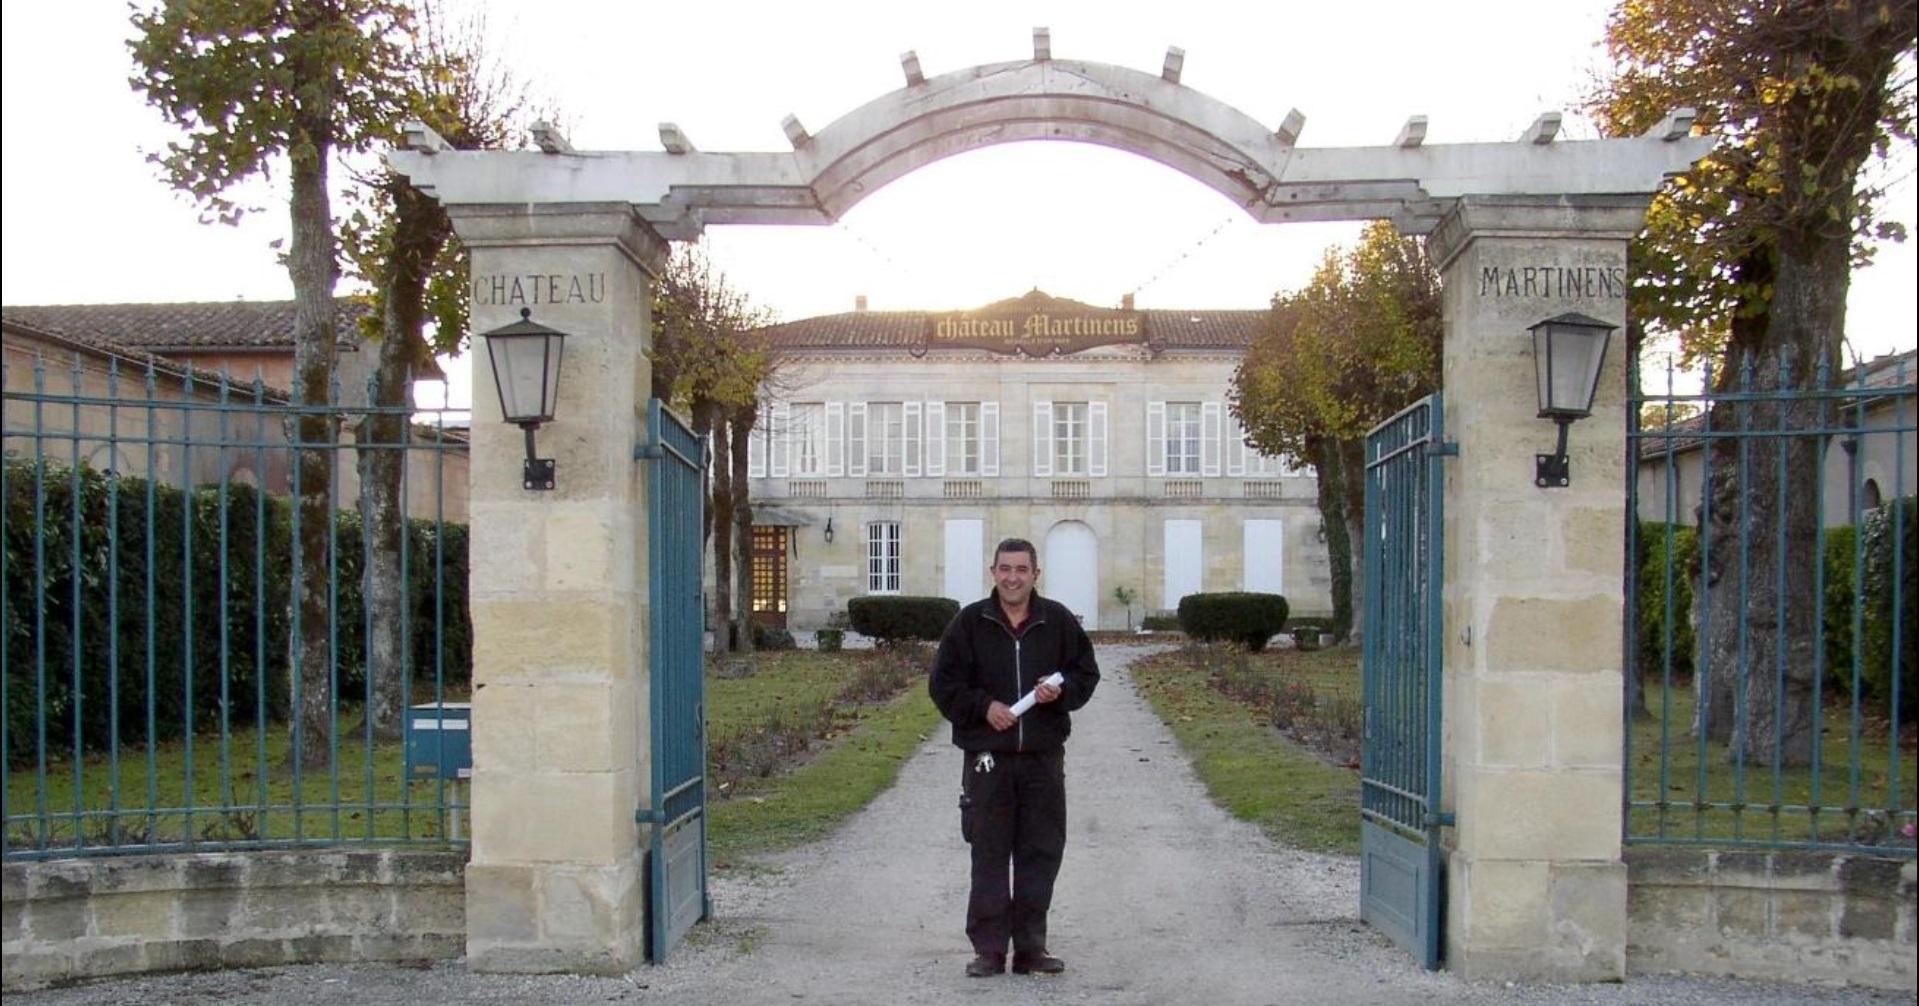 Château Martinens